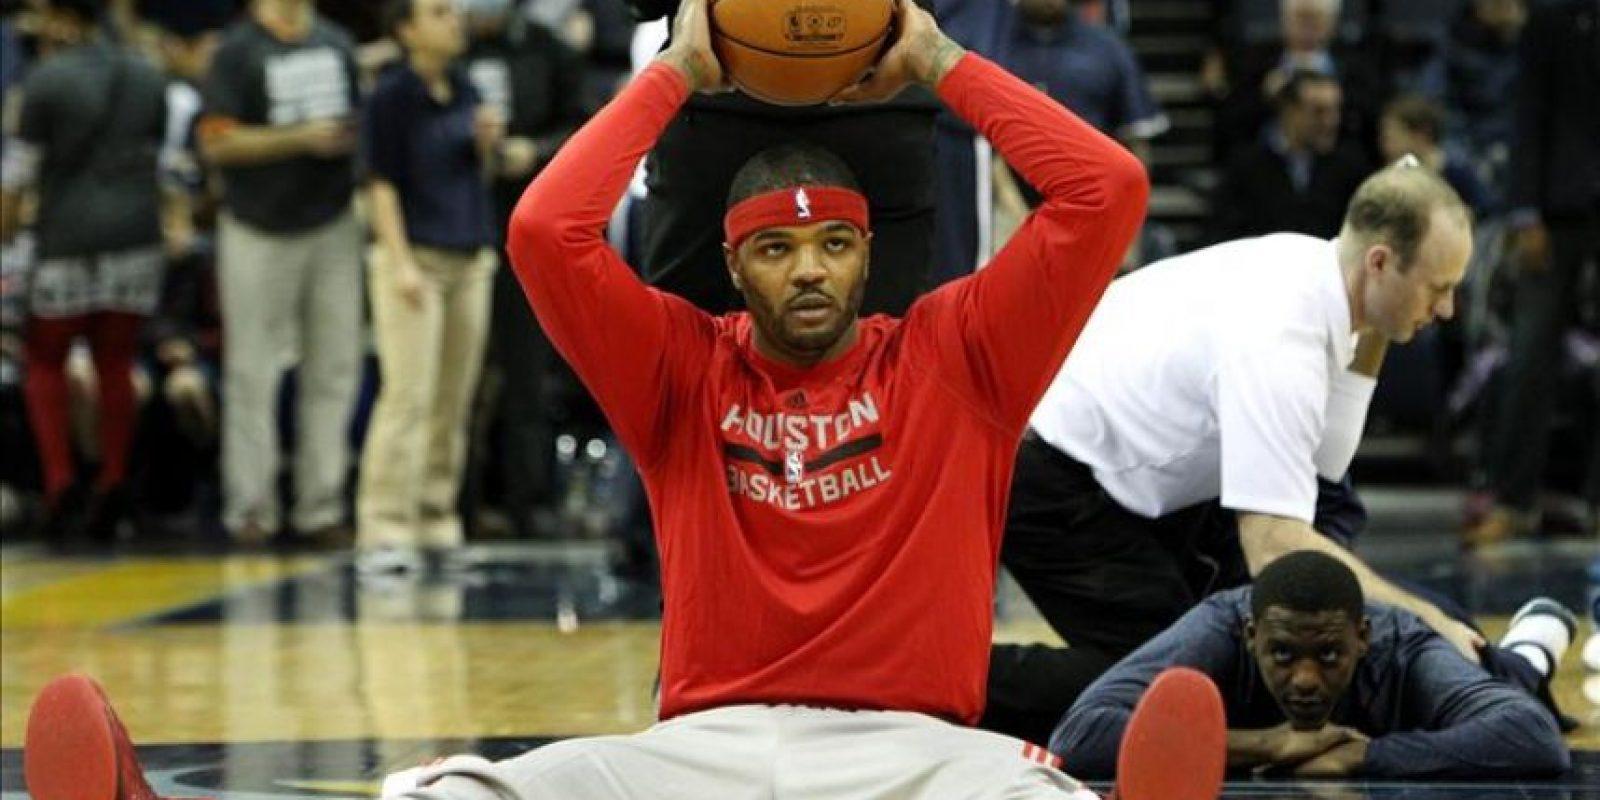 El jugador de Rockets, Josh Smith realiza ejercicios de estiramiento antes del partido entre Rockets y Grizzlies por la NBA. EFE